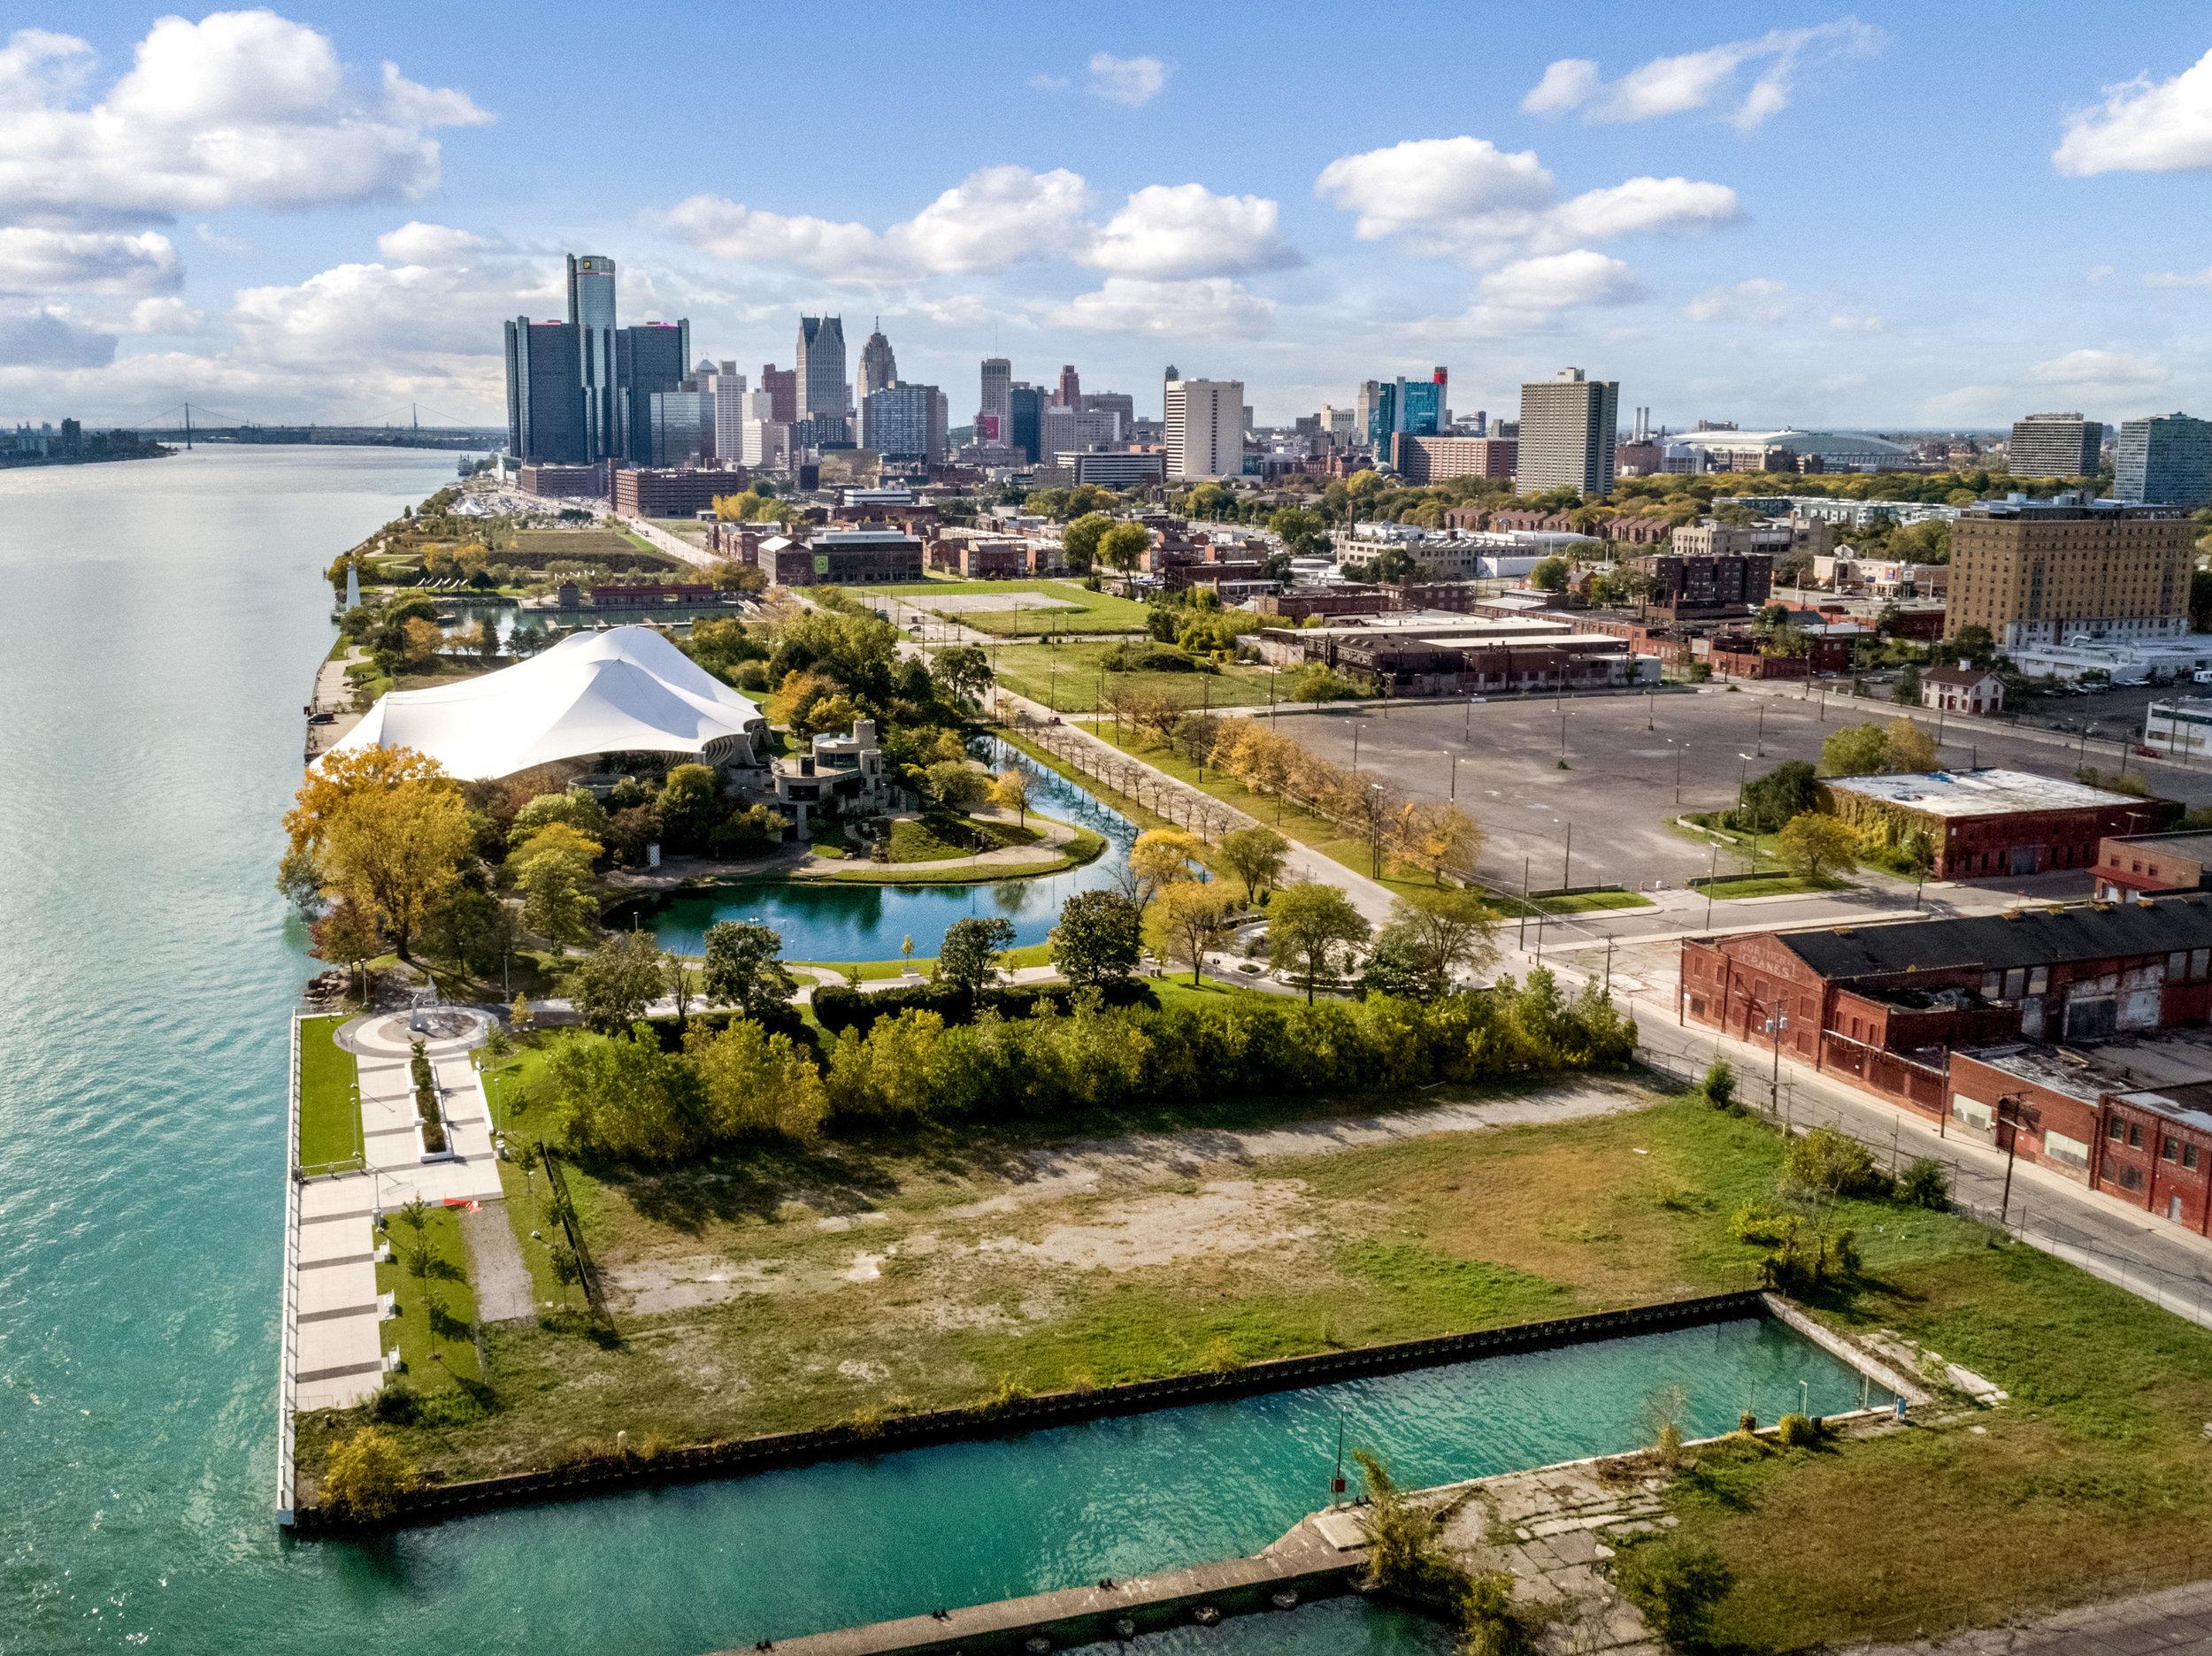 200 River Pl Dr Detroit MI-print-077-66-200 River Place Detroit Aerial-4200x3146-300dpi.jpg